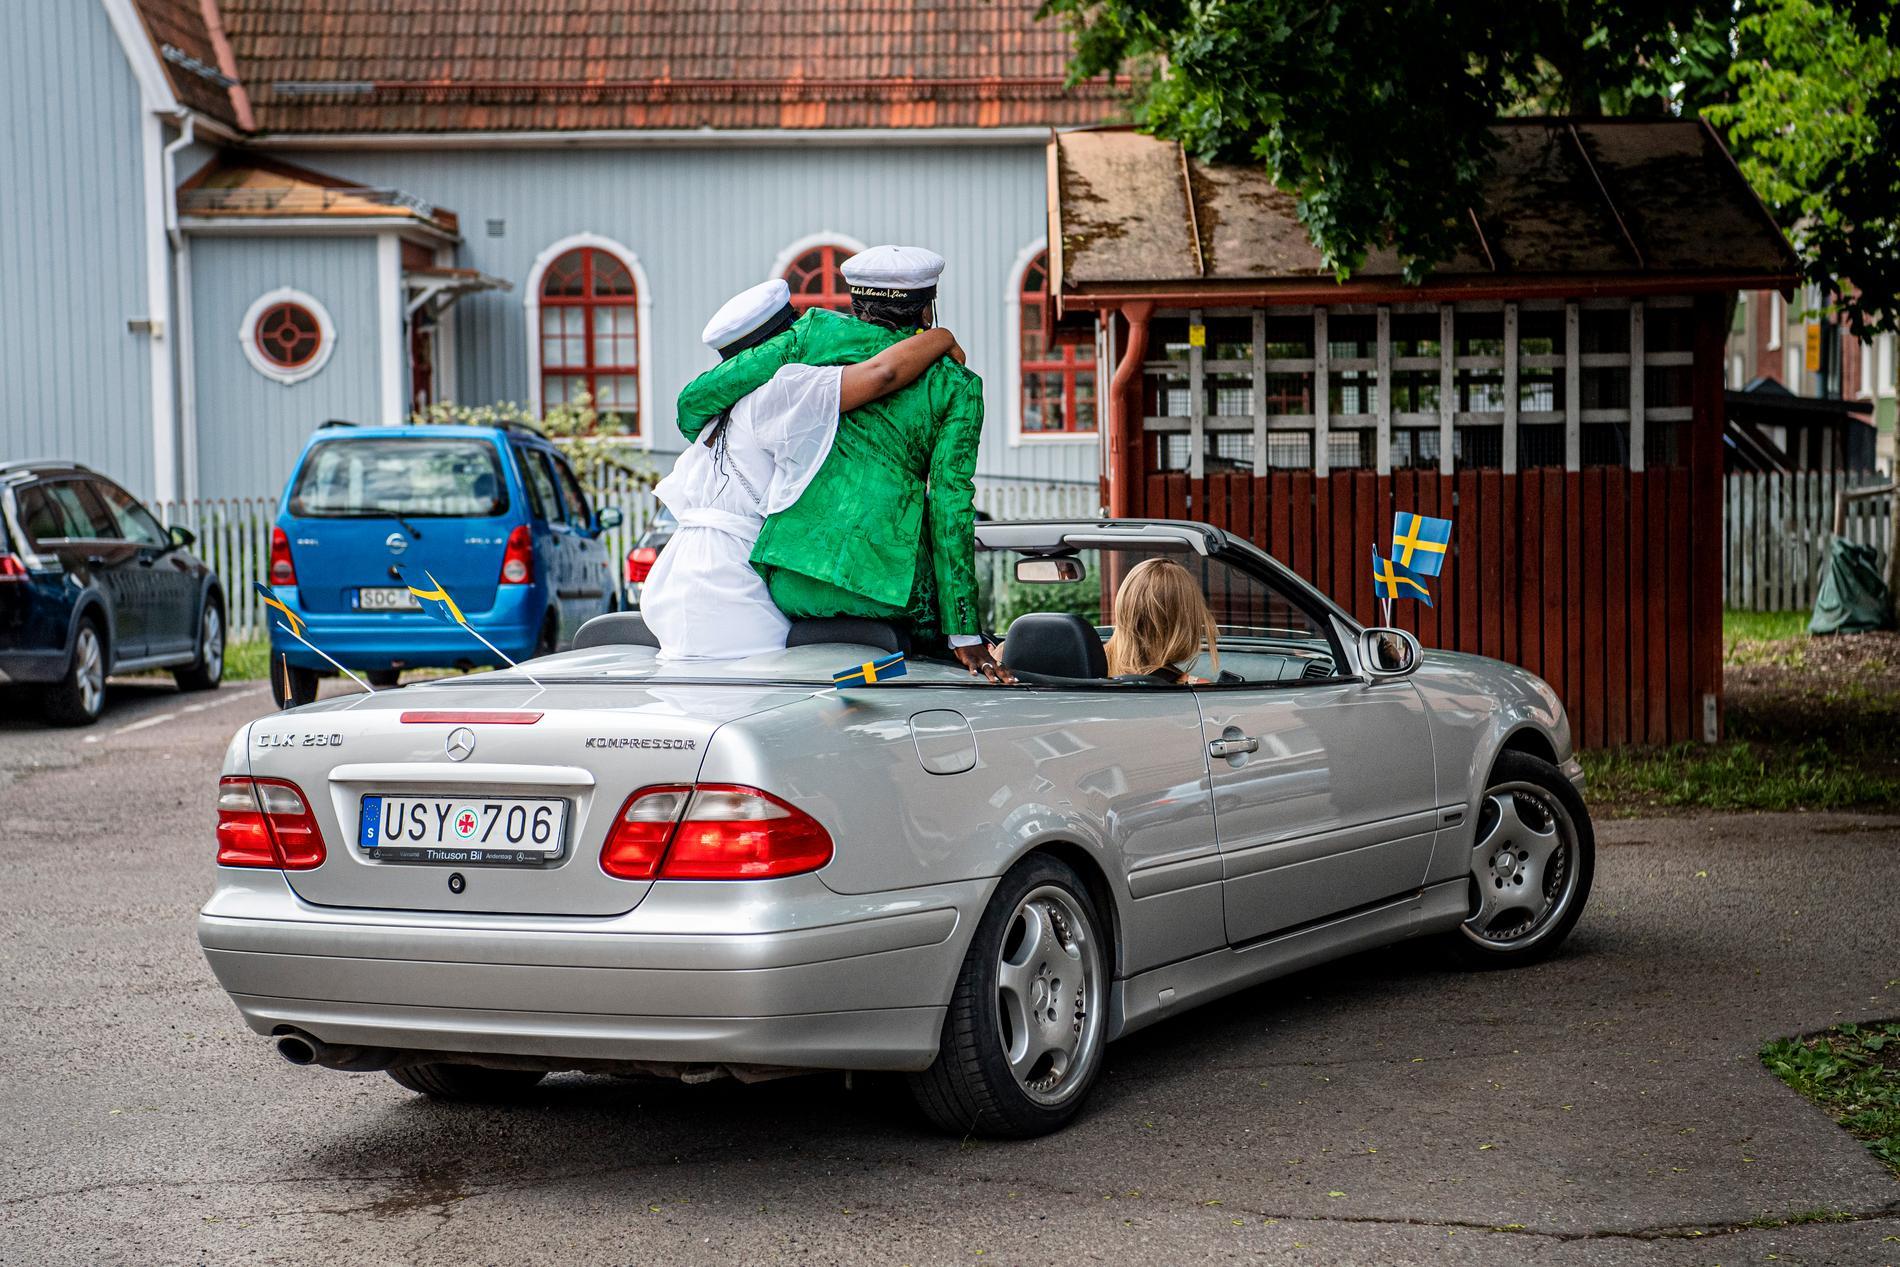 Lämnar skolan bakom sig. Tusse och vännen Mai firar hämtades i cabriolet och såg sig inte om när de lämnade skolgården.